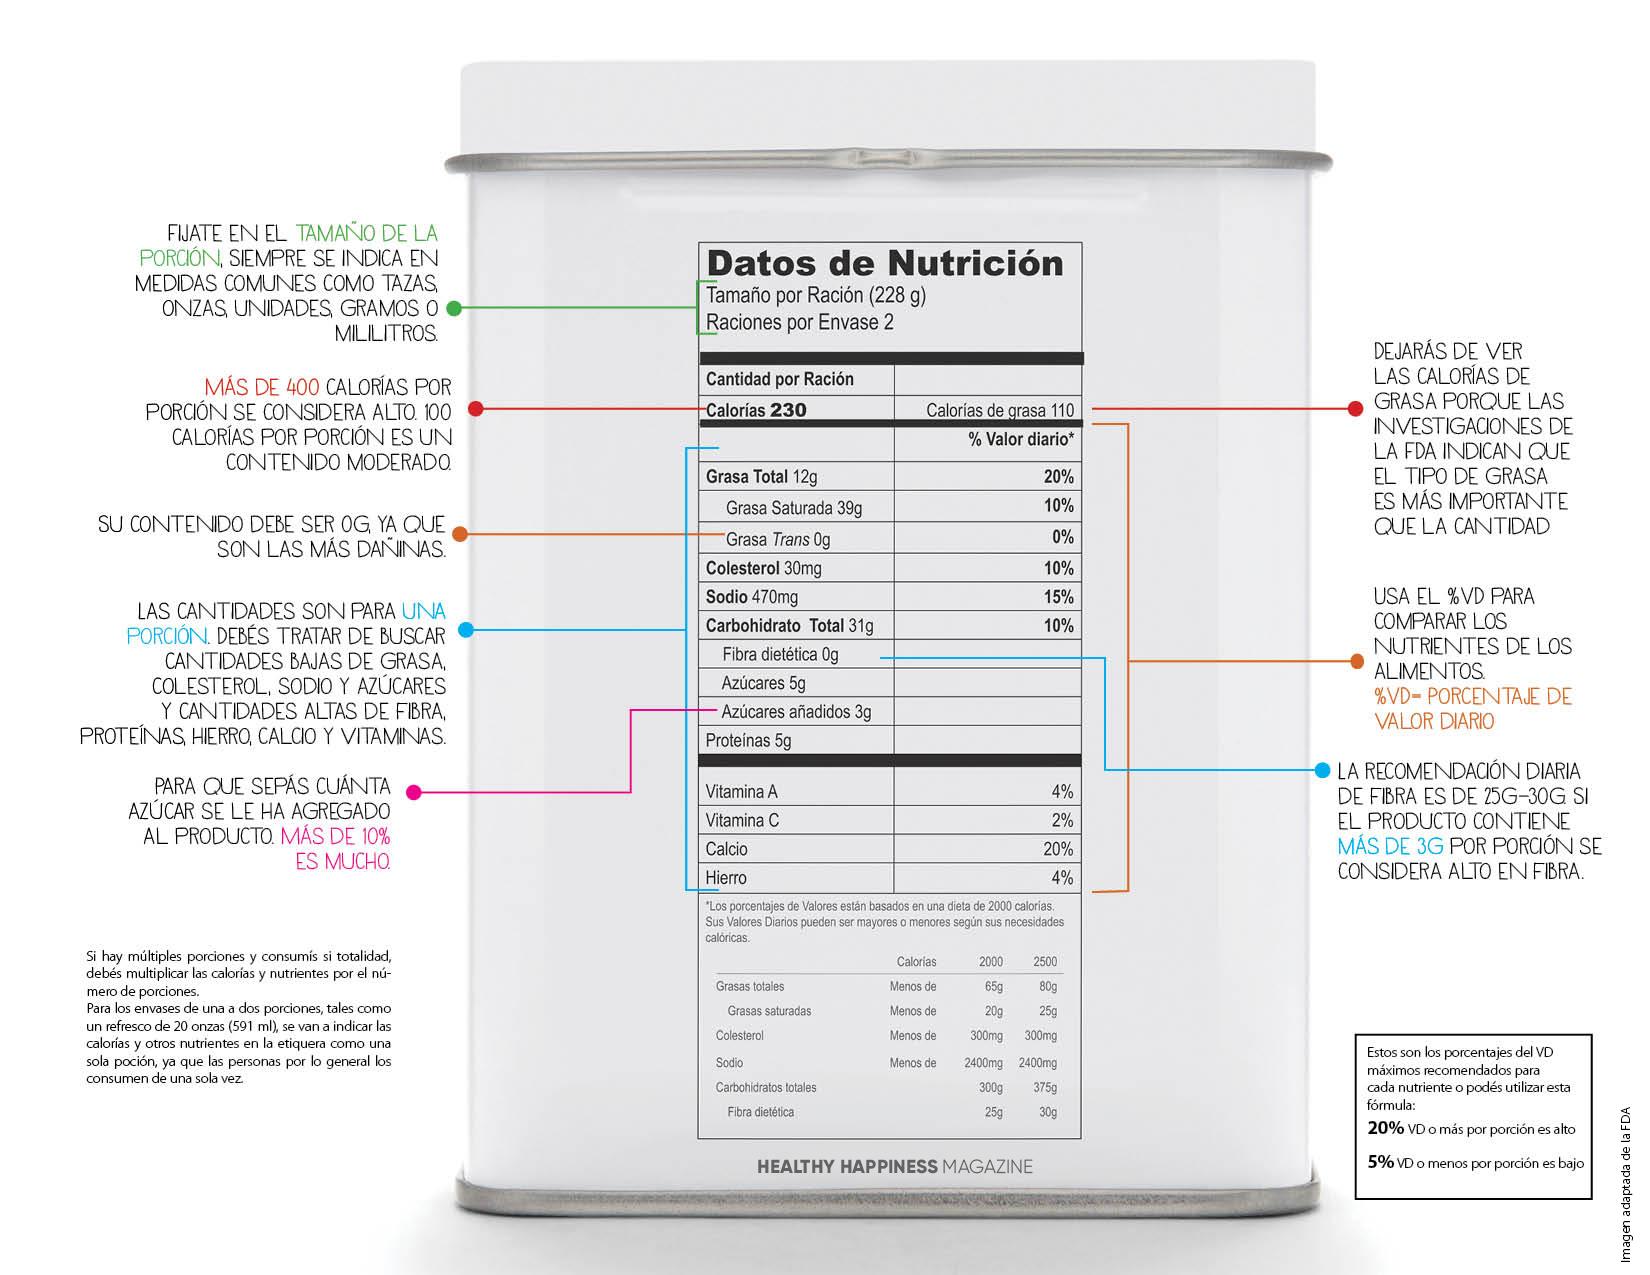 etiqueta-nutricionalb